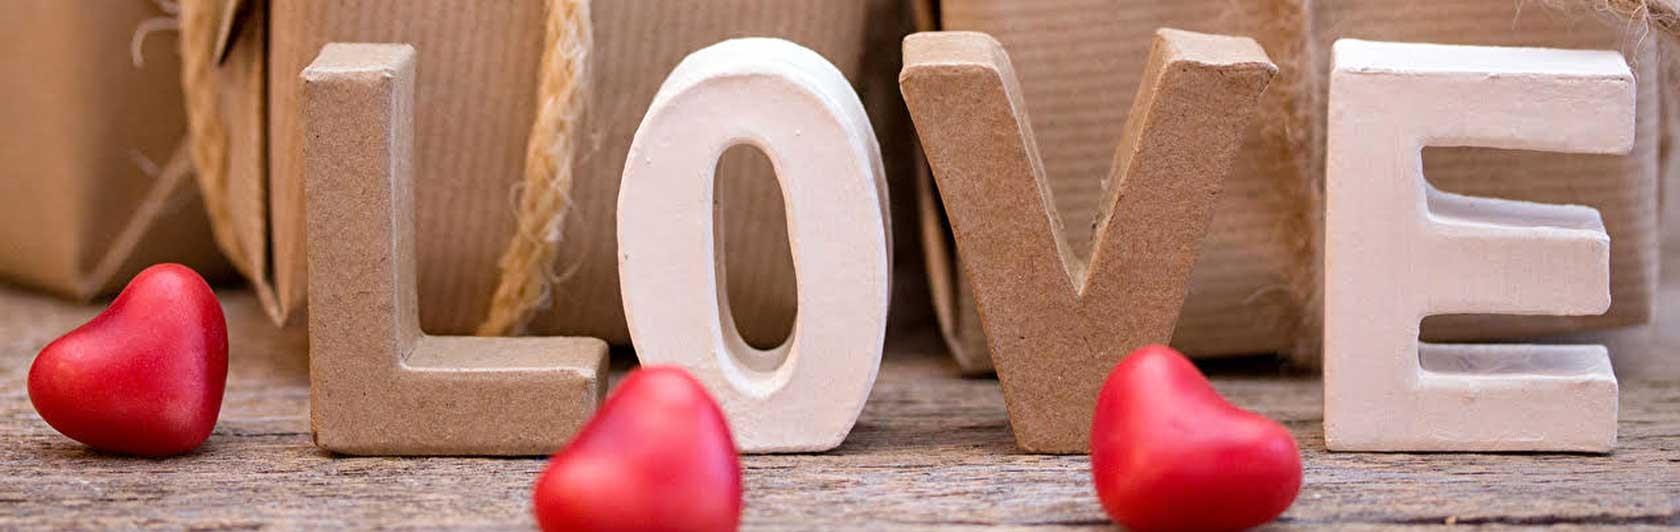 Especial San Valentín pincha en bono regalo